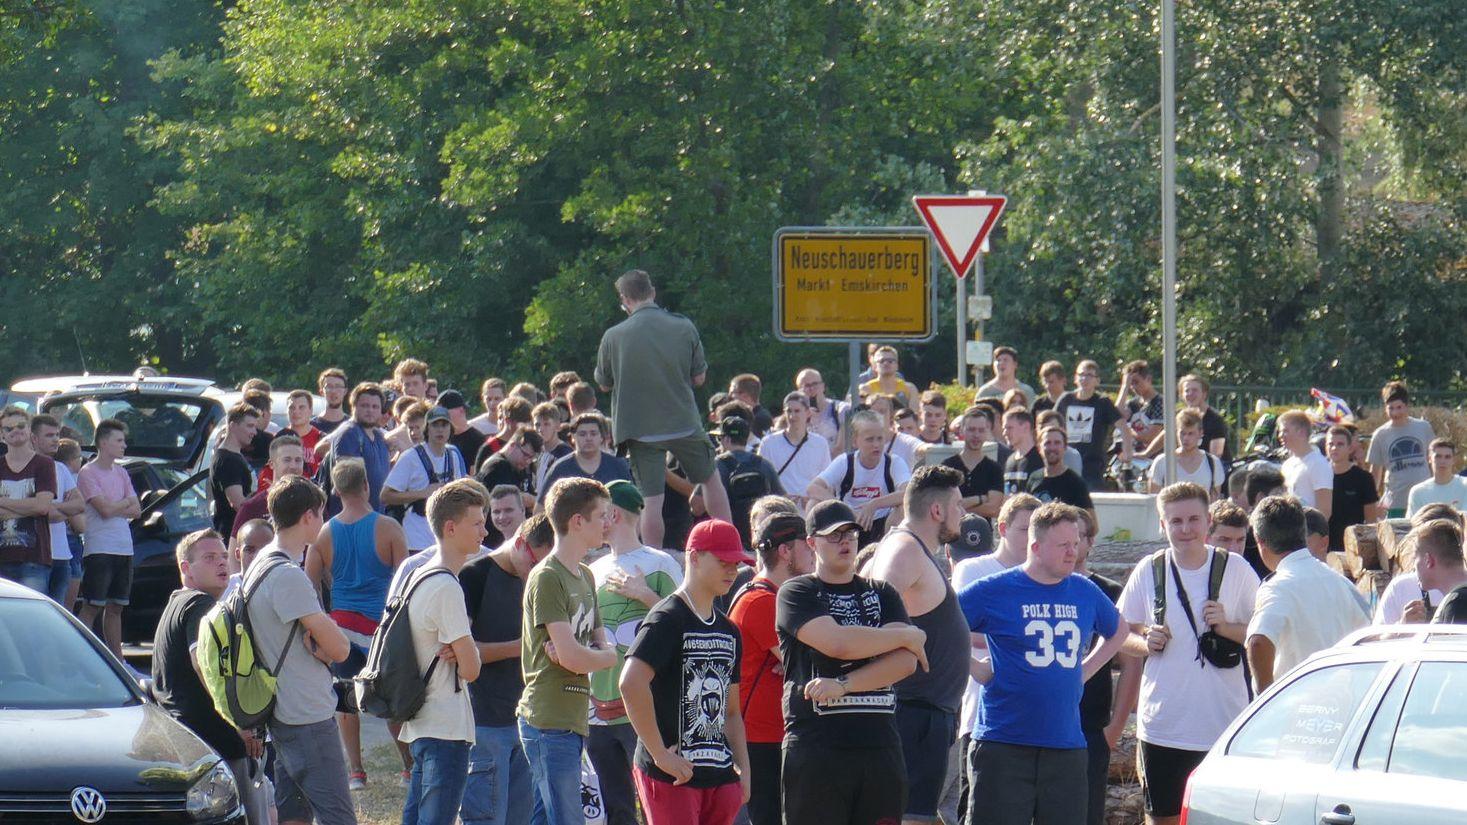 """Teilnehmer einer """"Hass-Demo"""" gegen """"Drachenlord"""" in dessen Heimatdorf."""